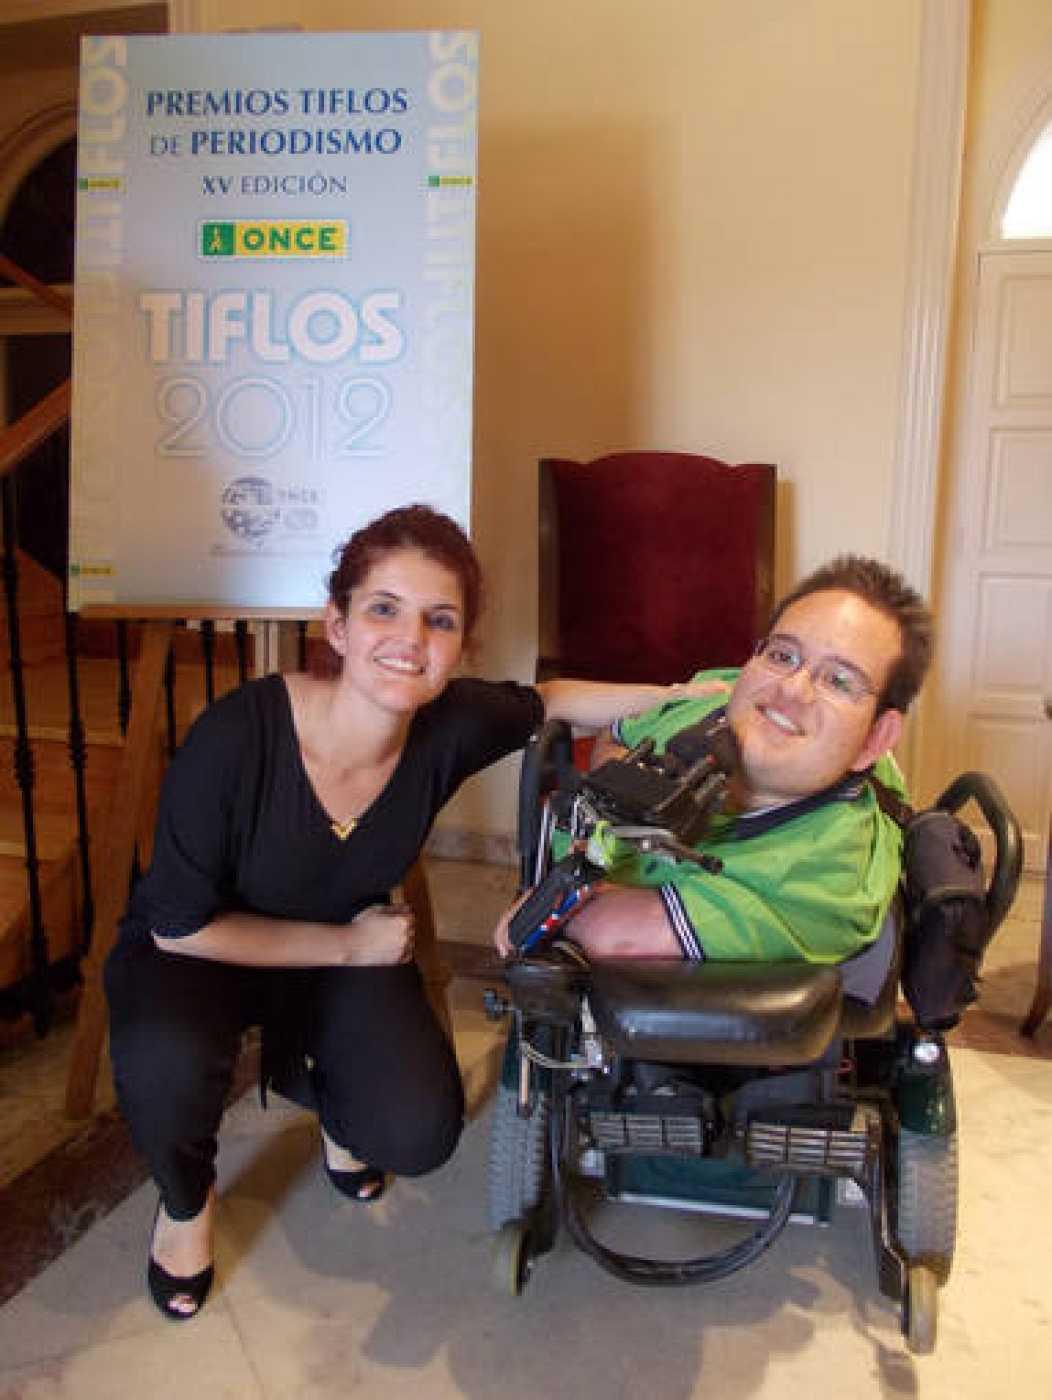 Patricia Costa con José Luis, protagonista del reportaje premiado